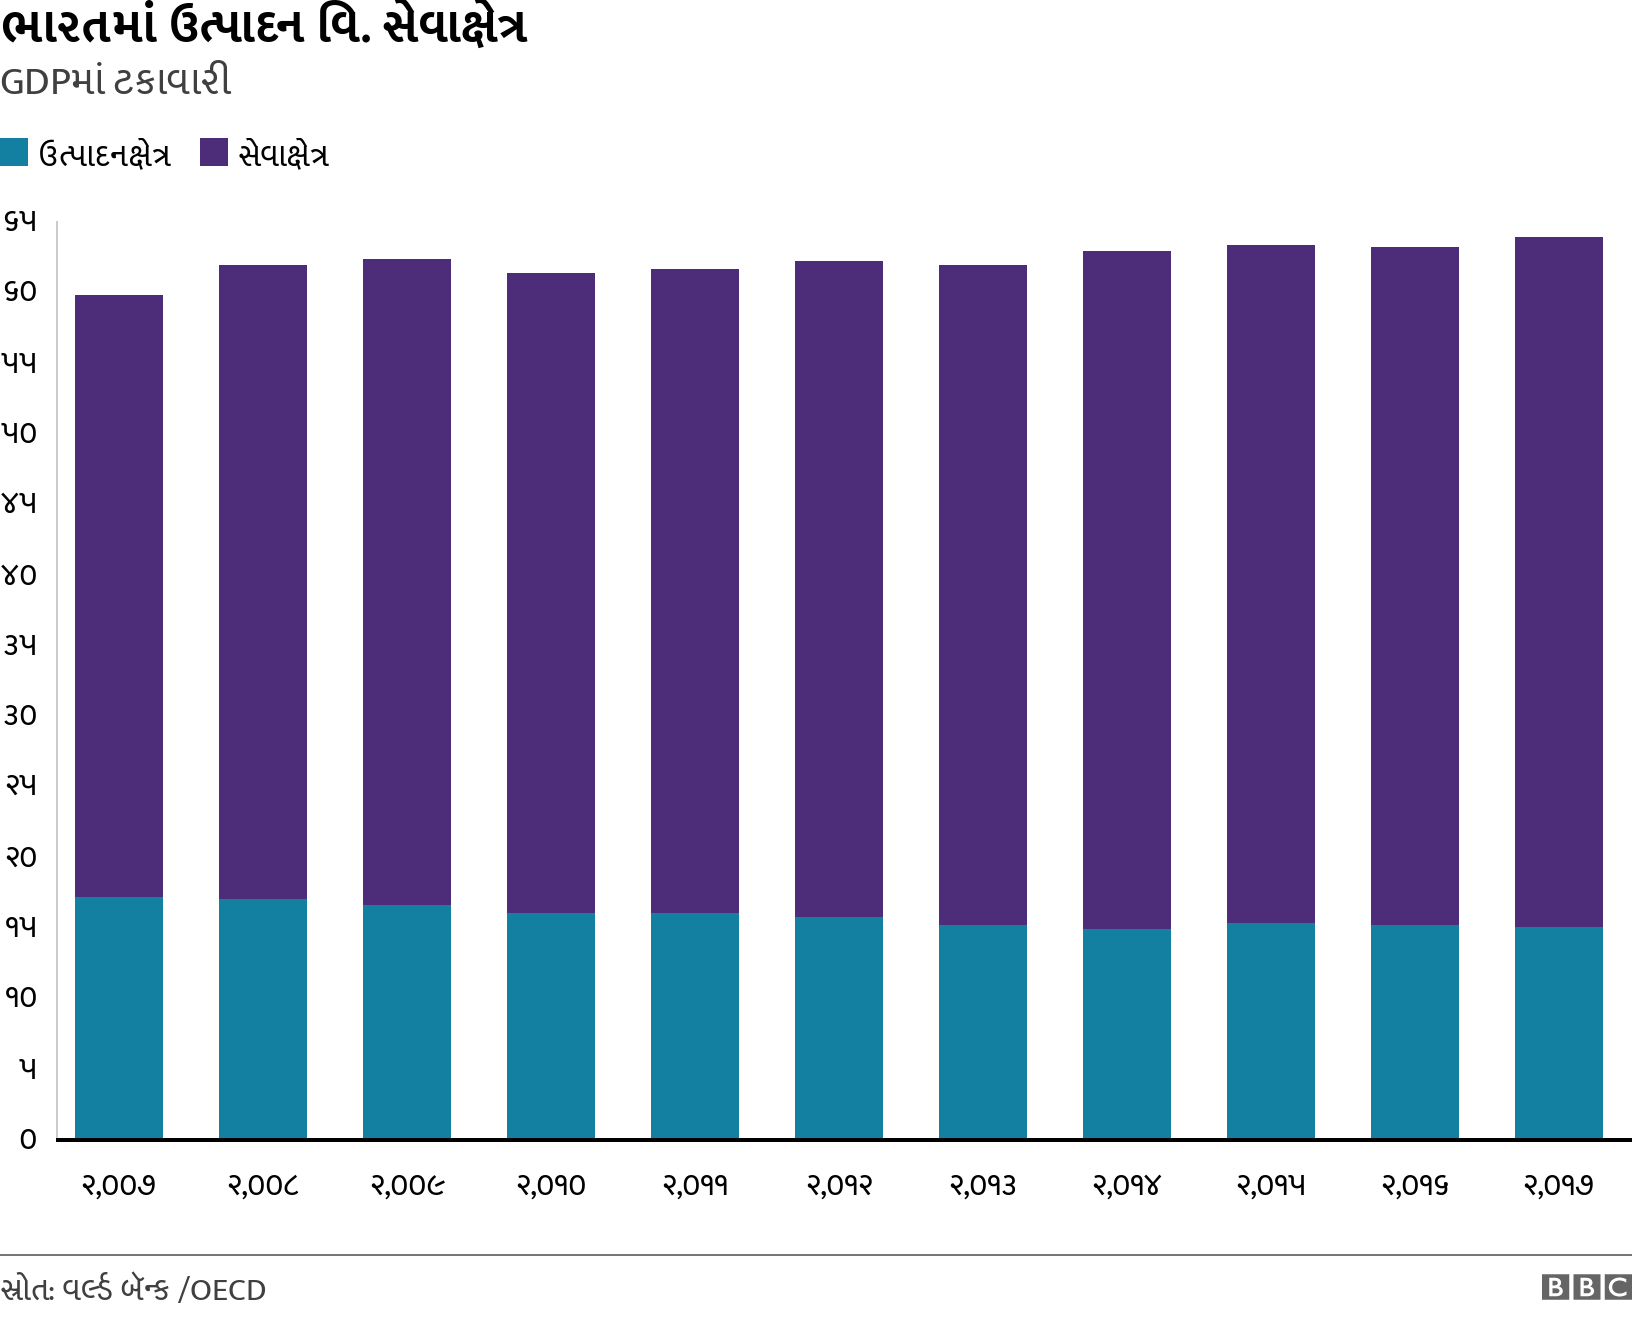 ભારતમાં ઉત્પાદન વિ. સેવાક્ષેત્ર. GDPમાં ટકાવારી. Bar chart showing relative percentages of GDP for services and manufacturing .